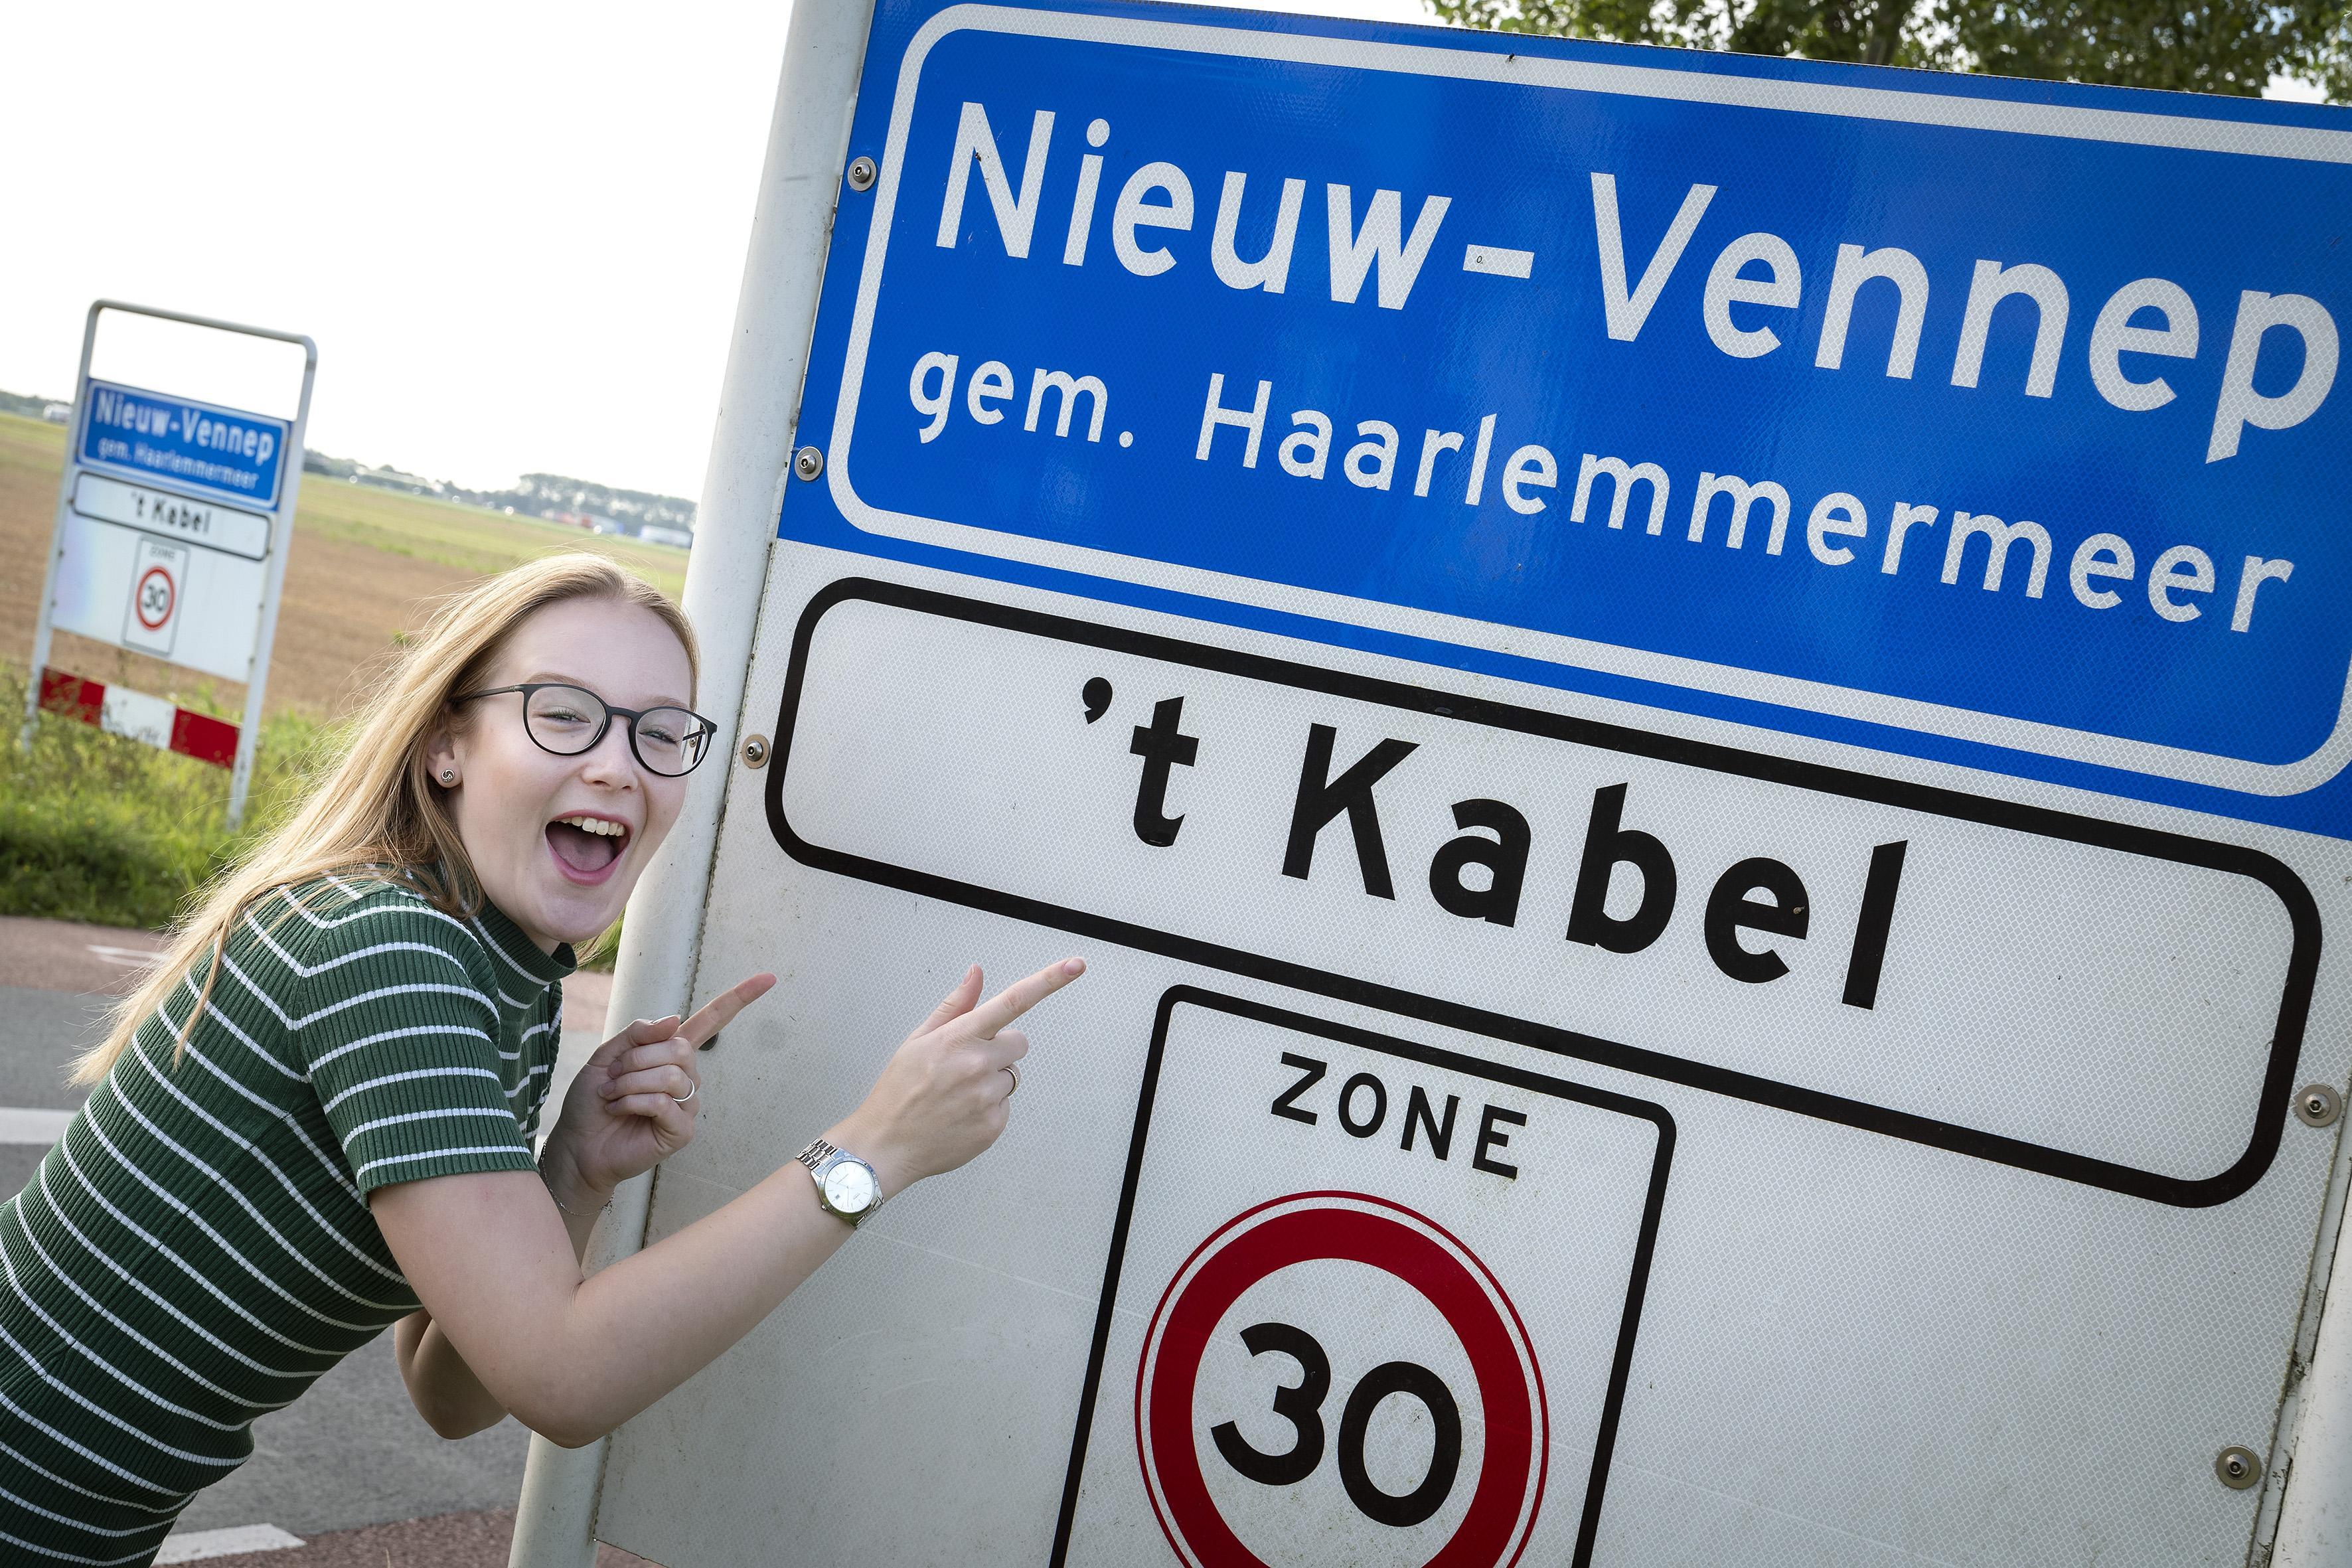 Bewoners verward door nieuwe naamborden: 'Kabel is niet goed, het moet 't Kabel zijn'